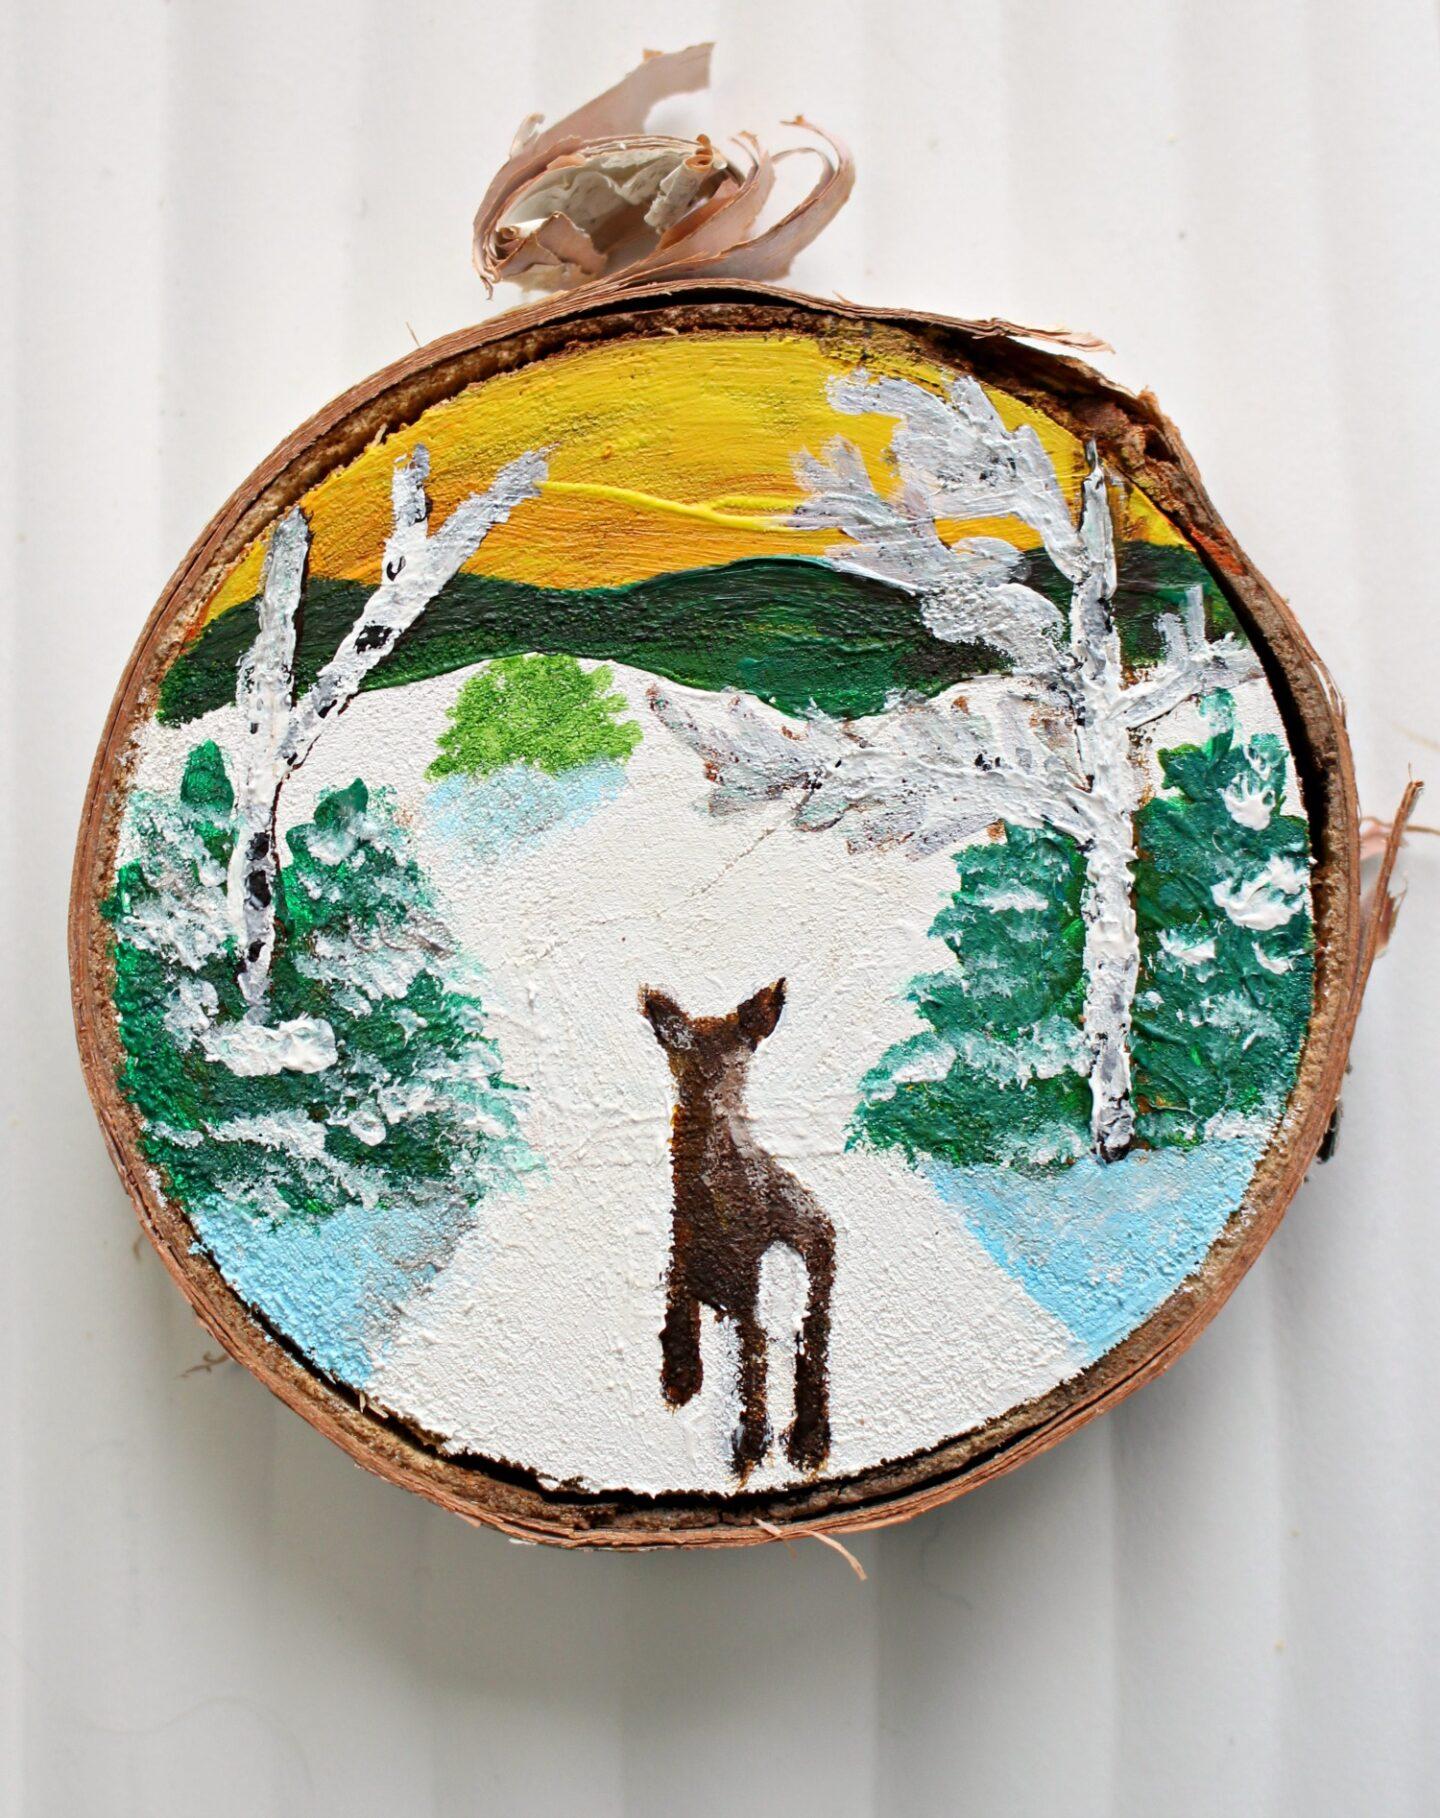 Décorations de Noël inspirées de l'art populaire